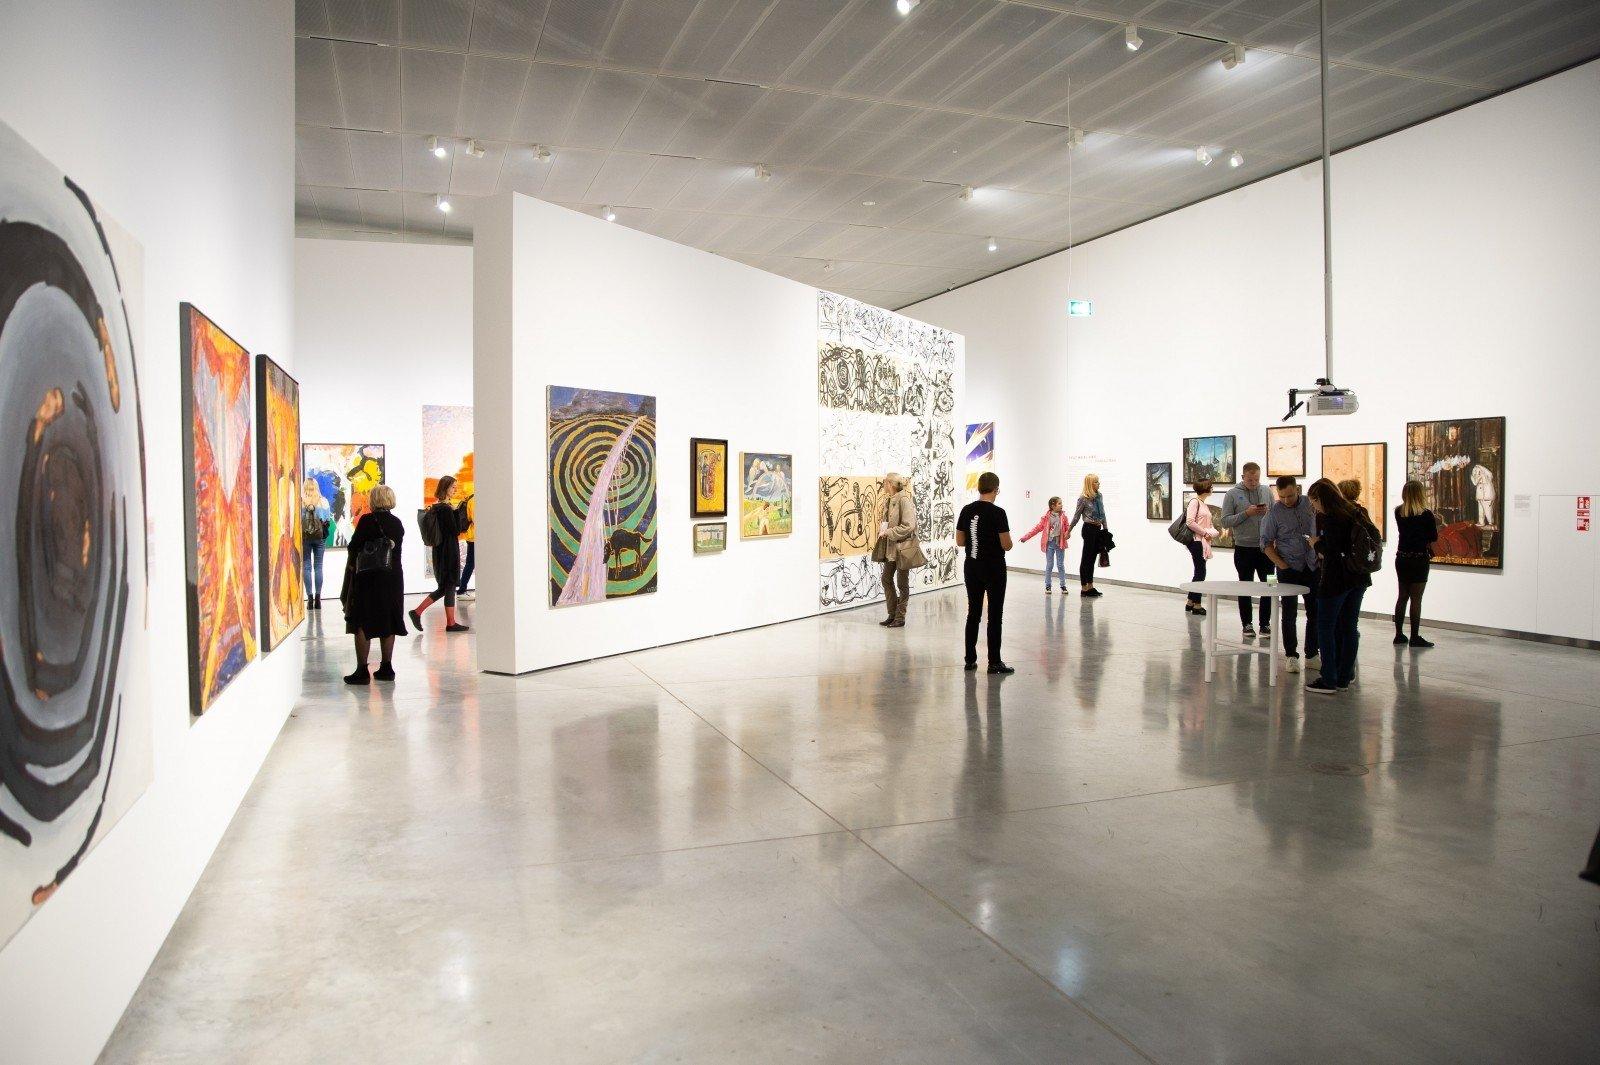 mo-muziejus-atidarymo-moratonas-79540351